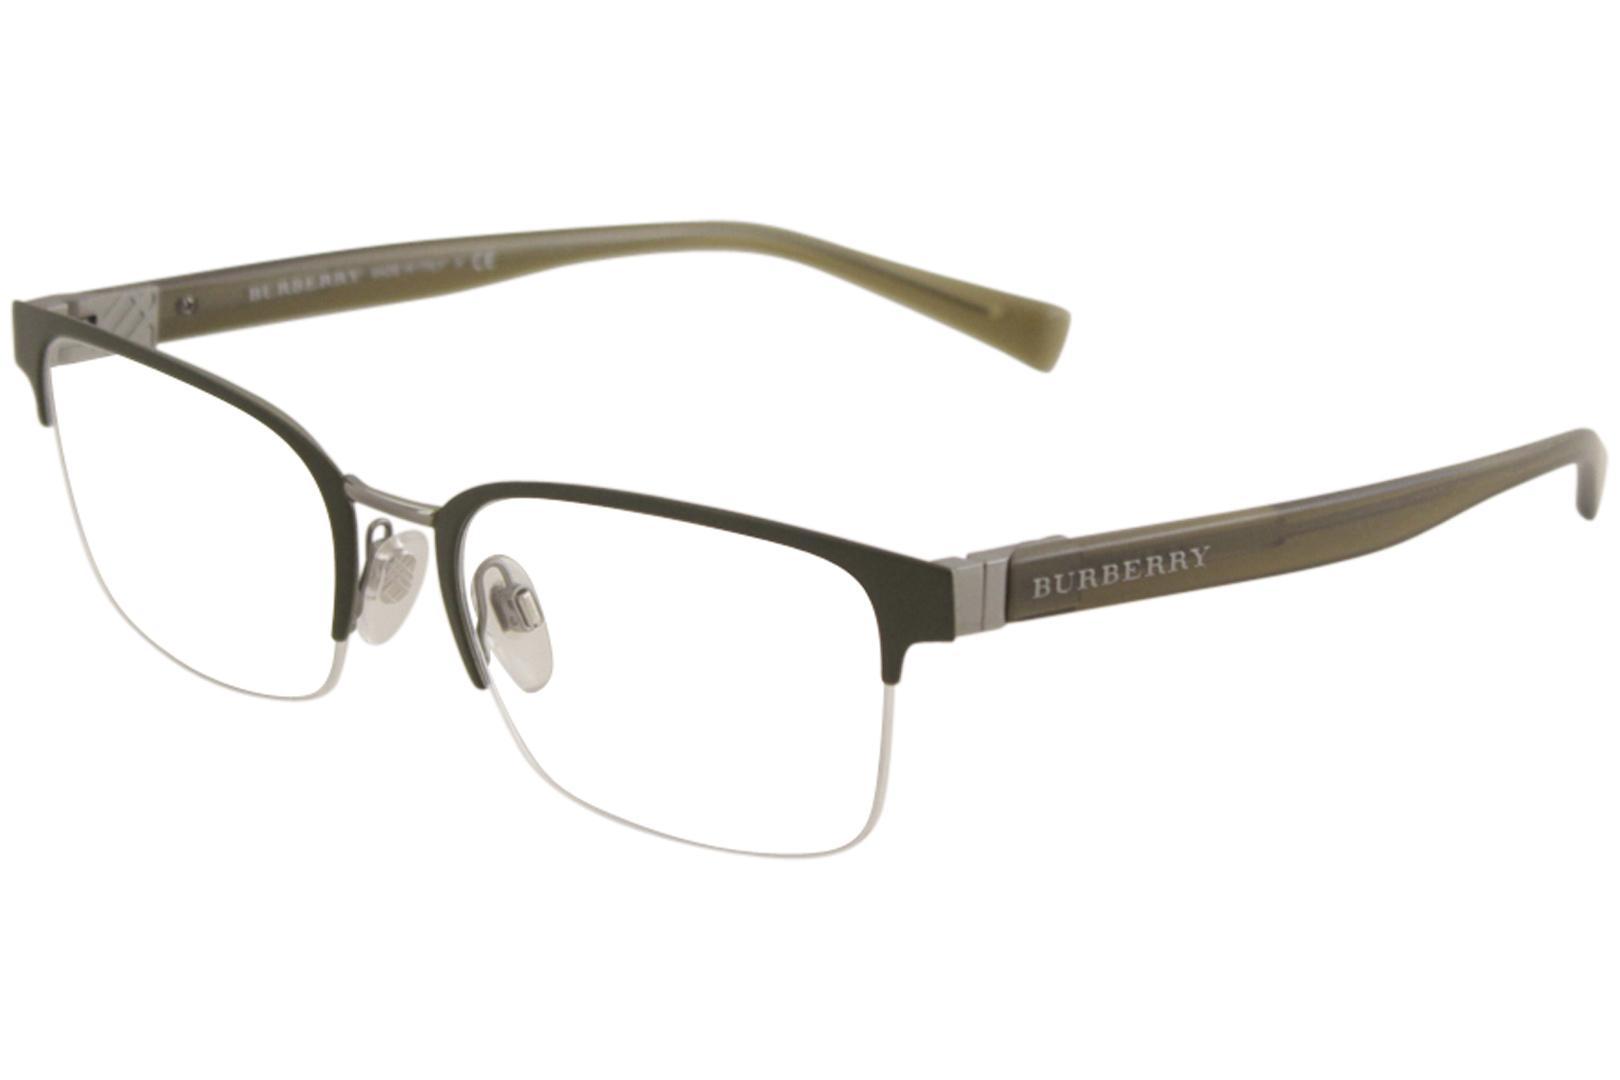 43de0ae6893d Burberry Men's Eyeglasses BE1308 BE/1308 Half Rim Optical Frame